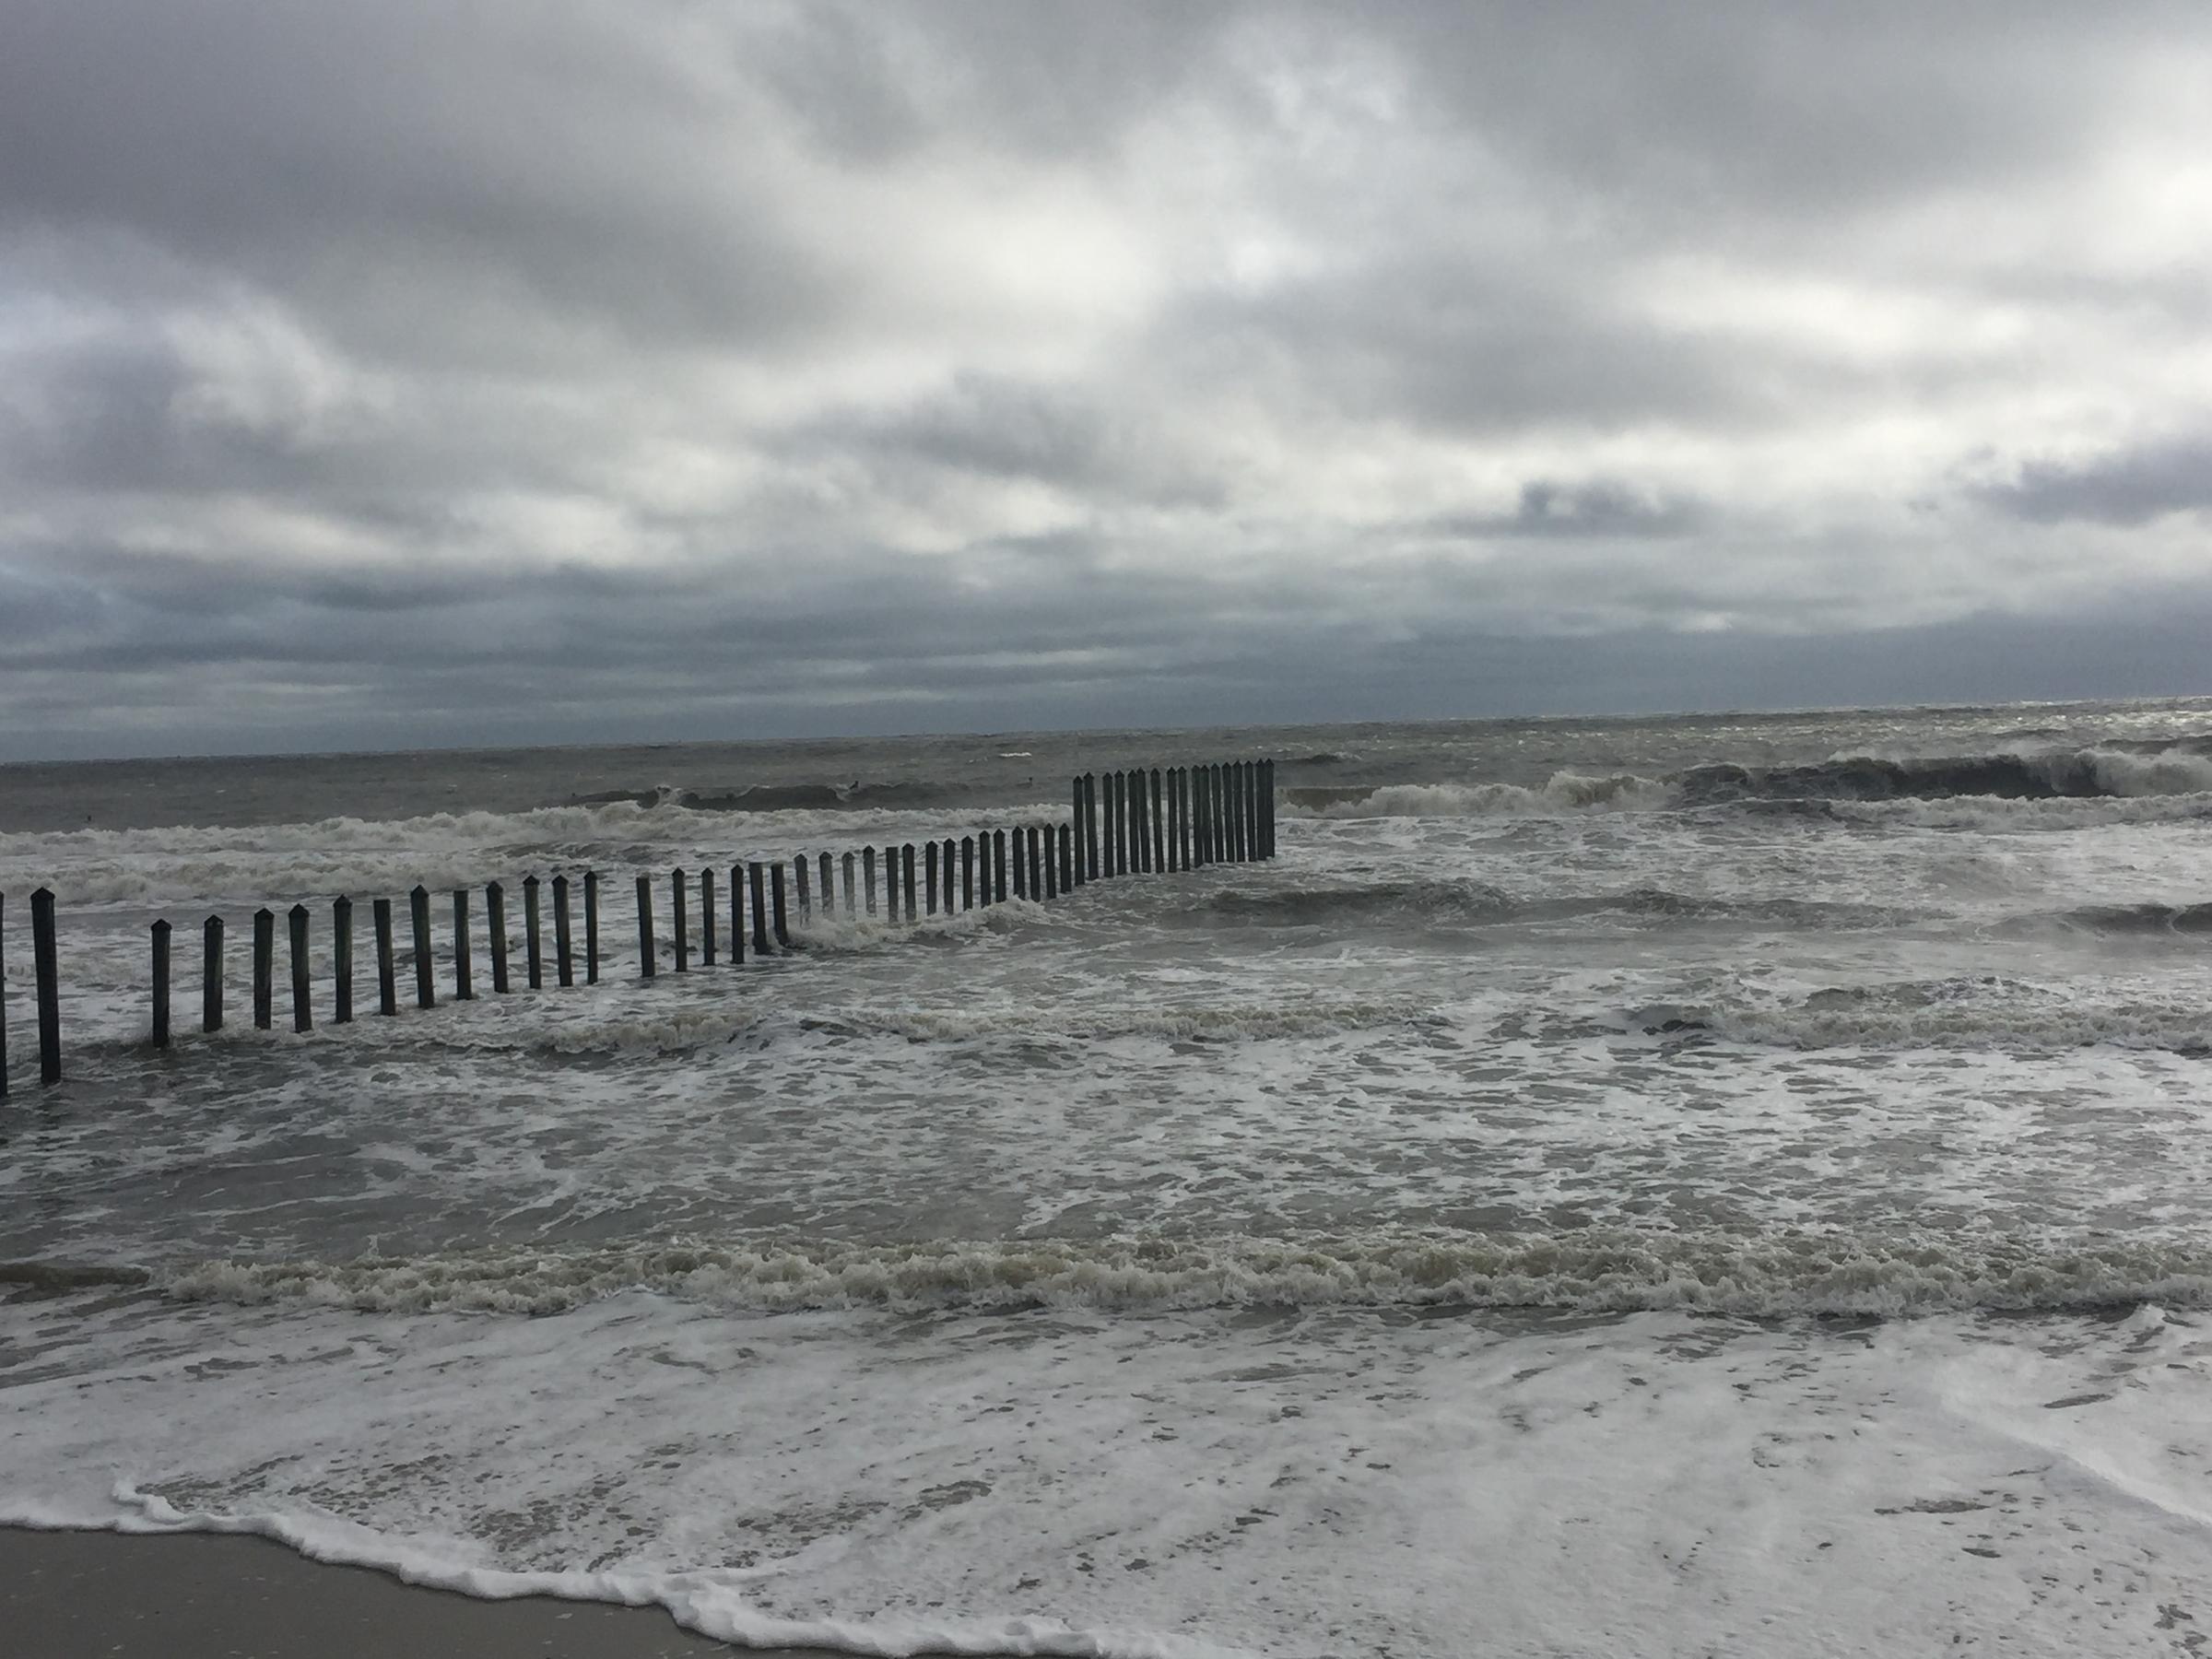 jacksonville surfers ignore storm warnings in favor of major swells wjct news. Black Bedroom Furniture Sets. Home Design Ideas